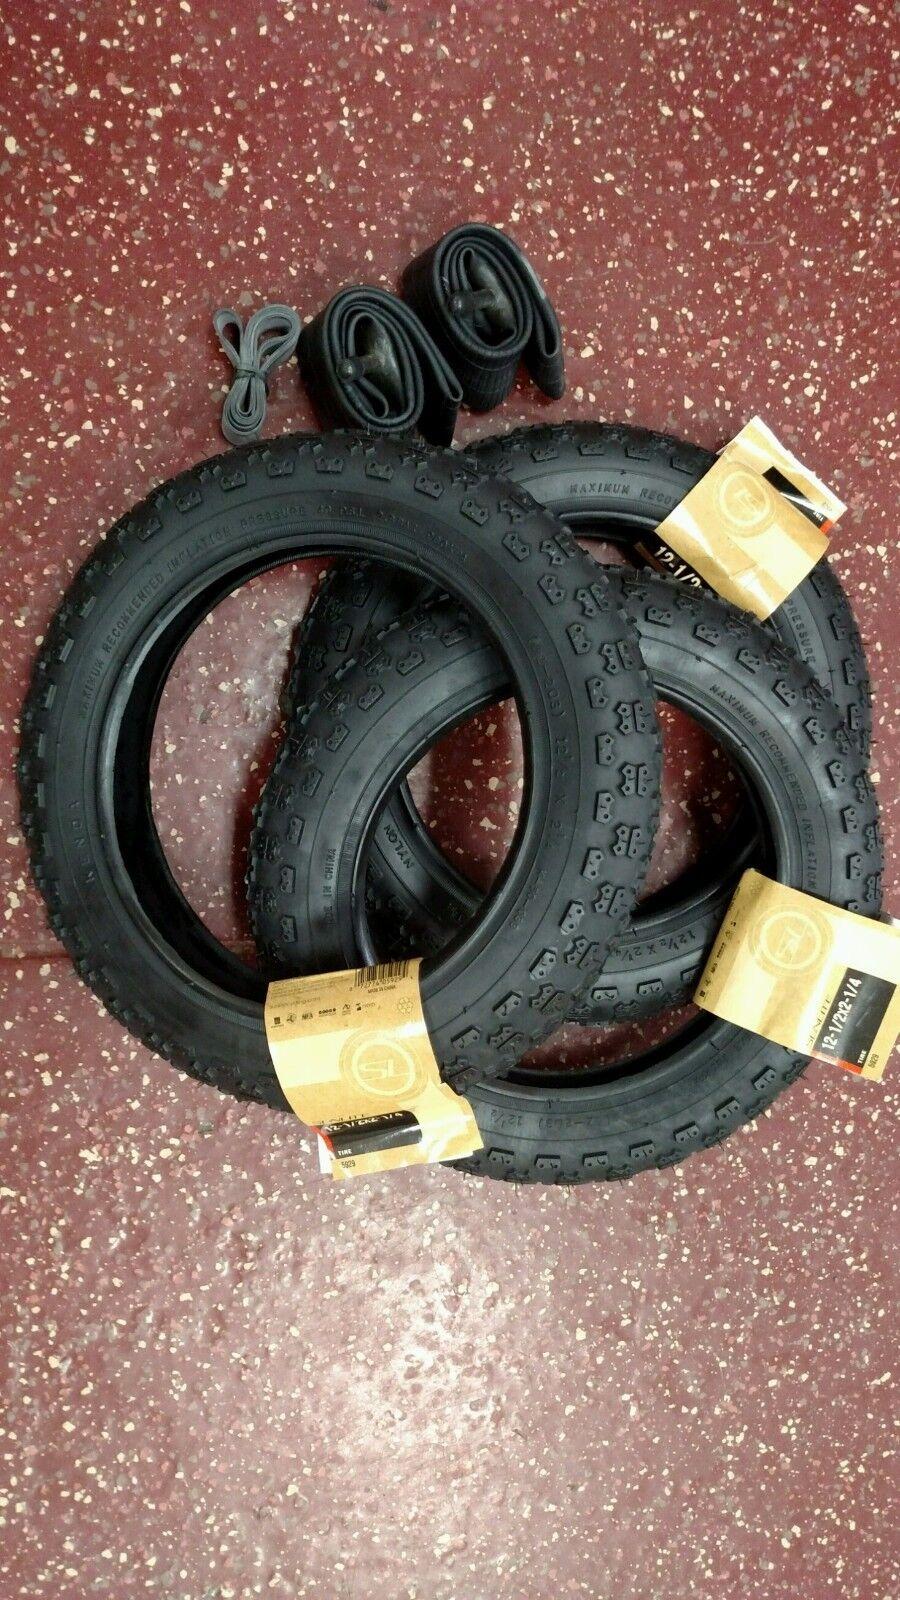 12 1 2 x 2 1 4 12 x 2.125   2.25 Bike Stroller Knobby Tire Set (3 Tires&Tubes)